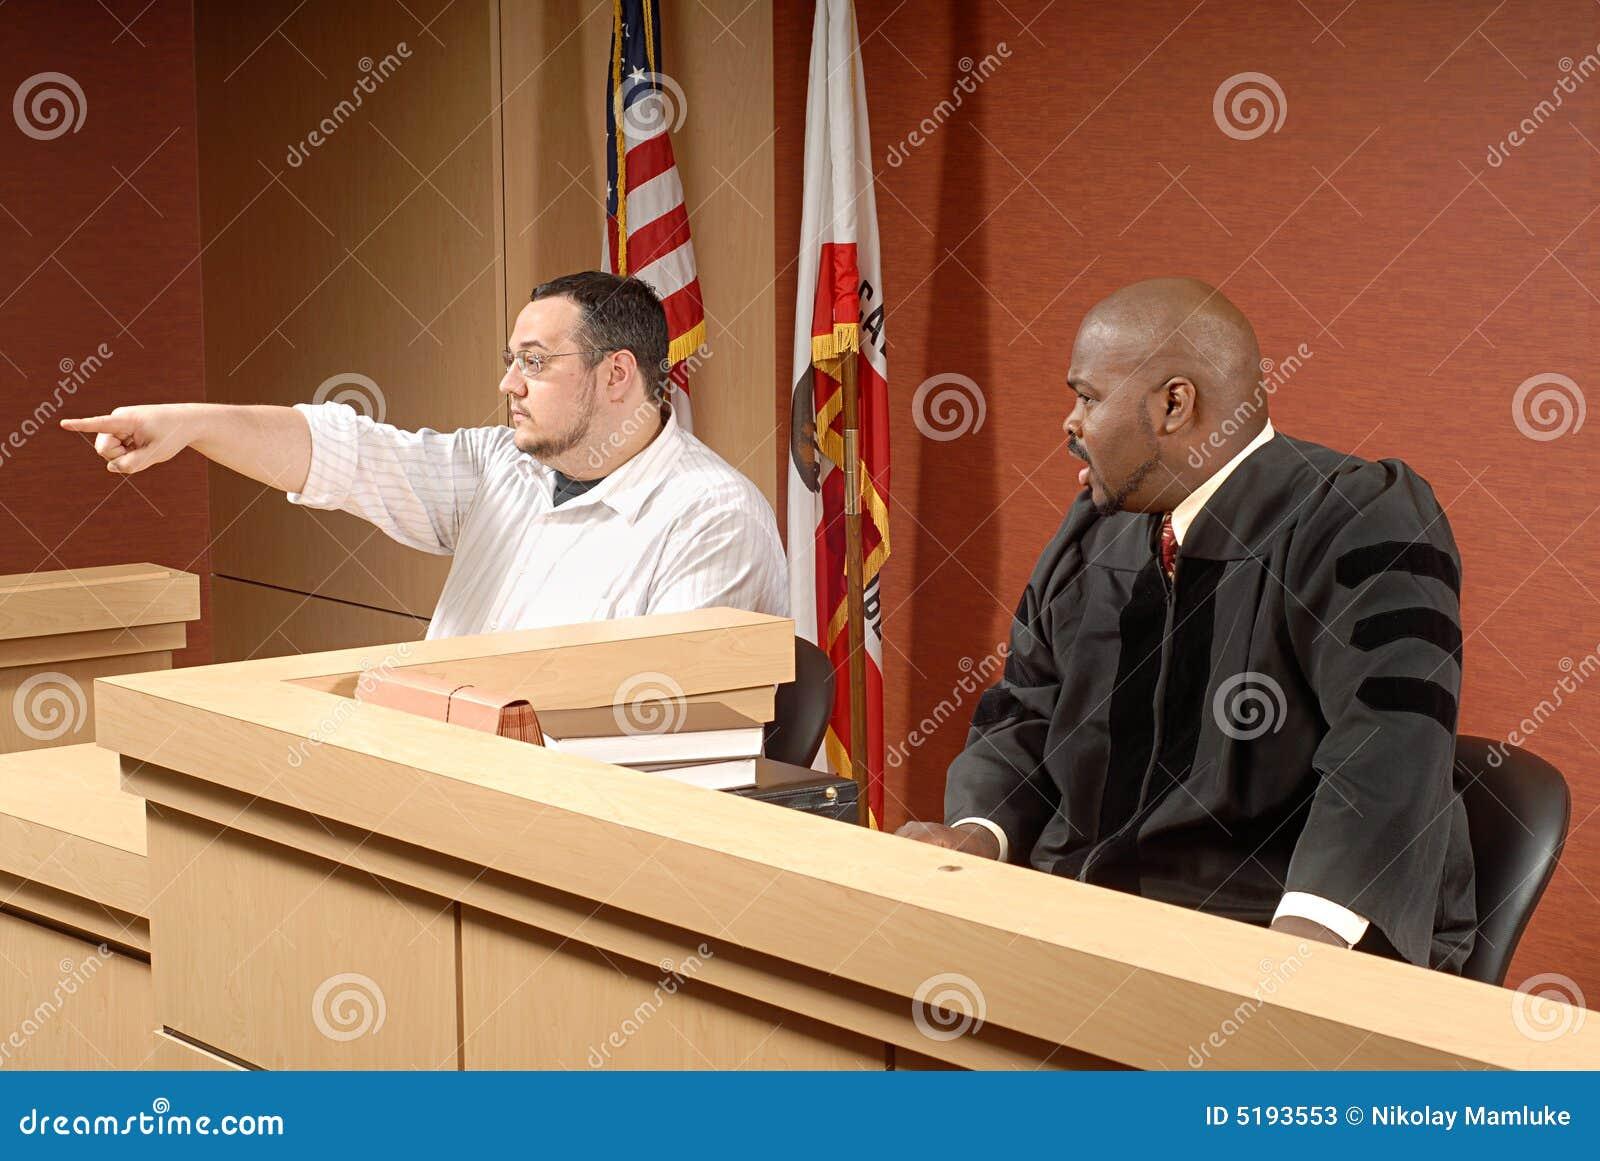 świadek badania